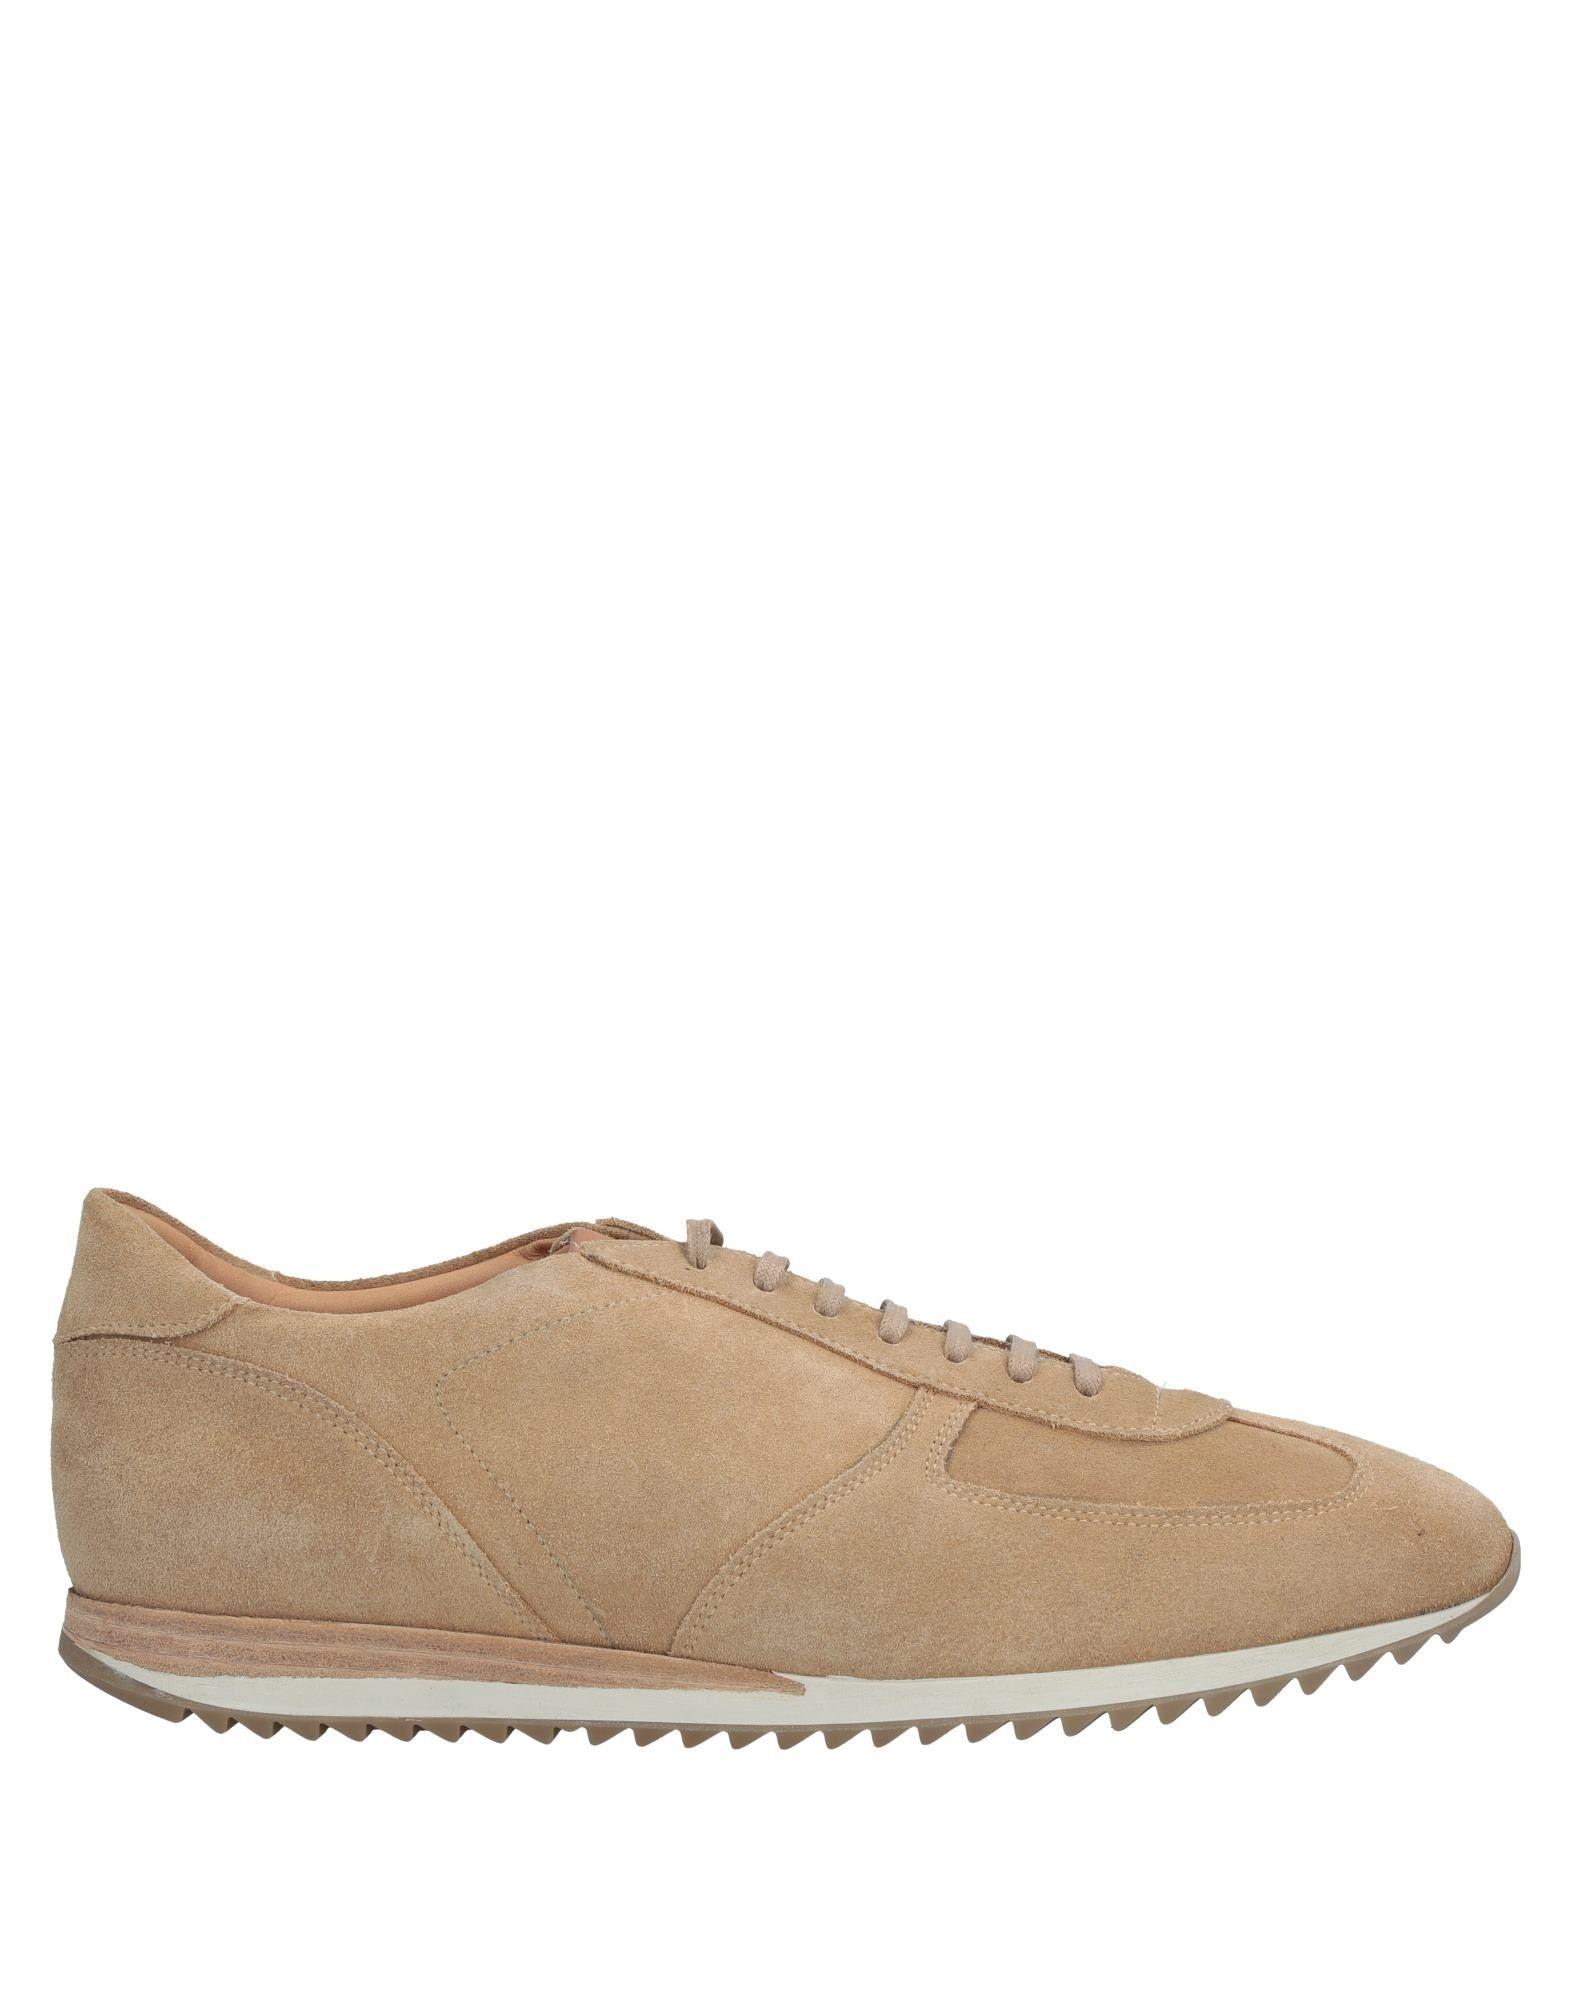 Scarpe economiche e resistenti Sneakers Franceschetti Uomo - 11533511SA